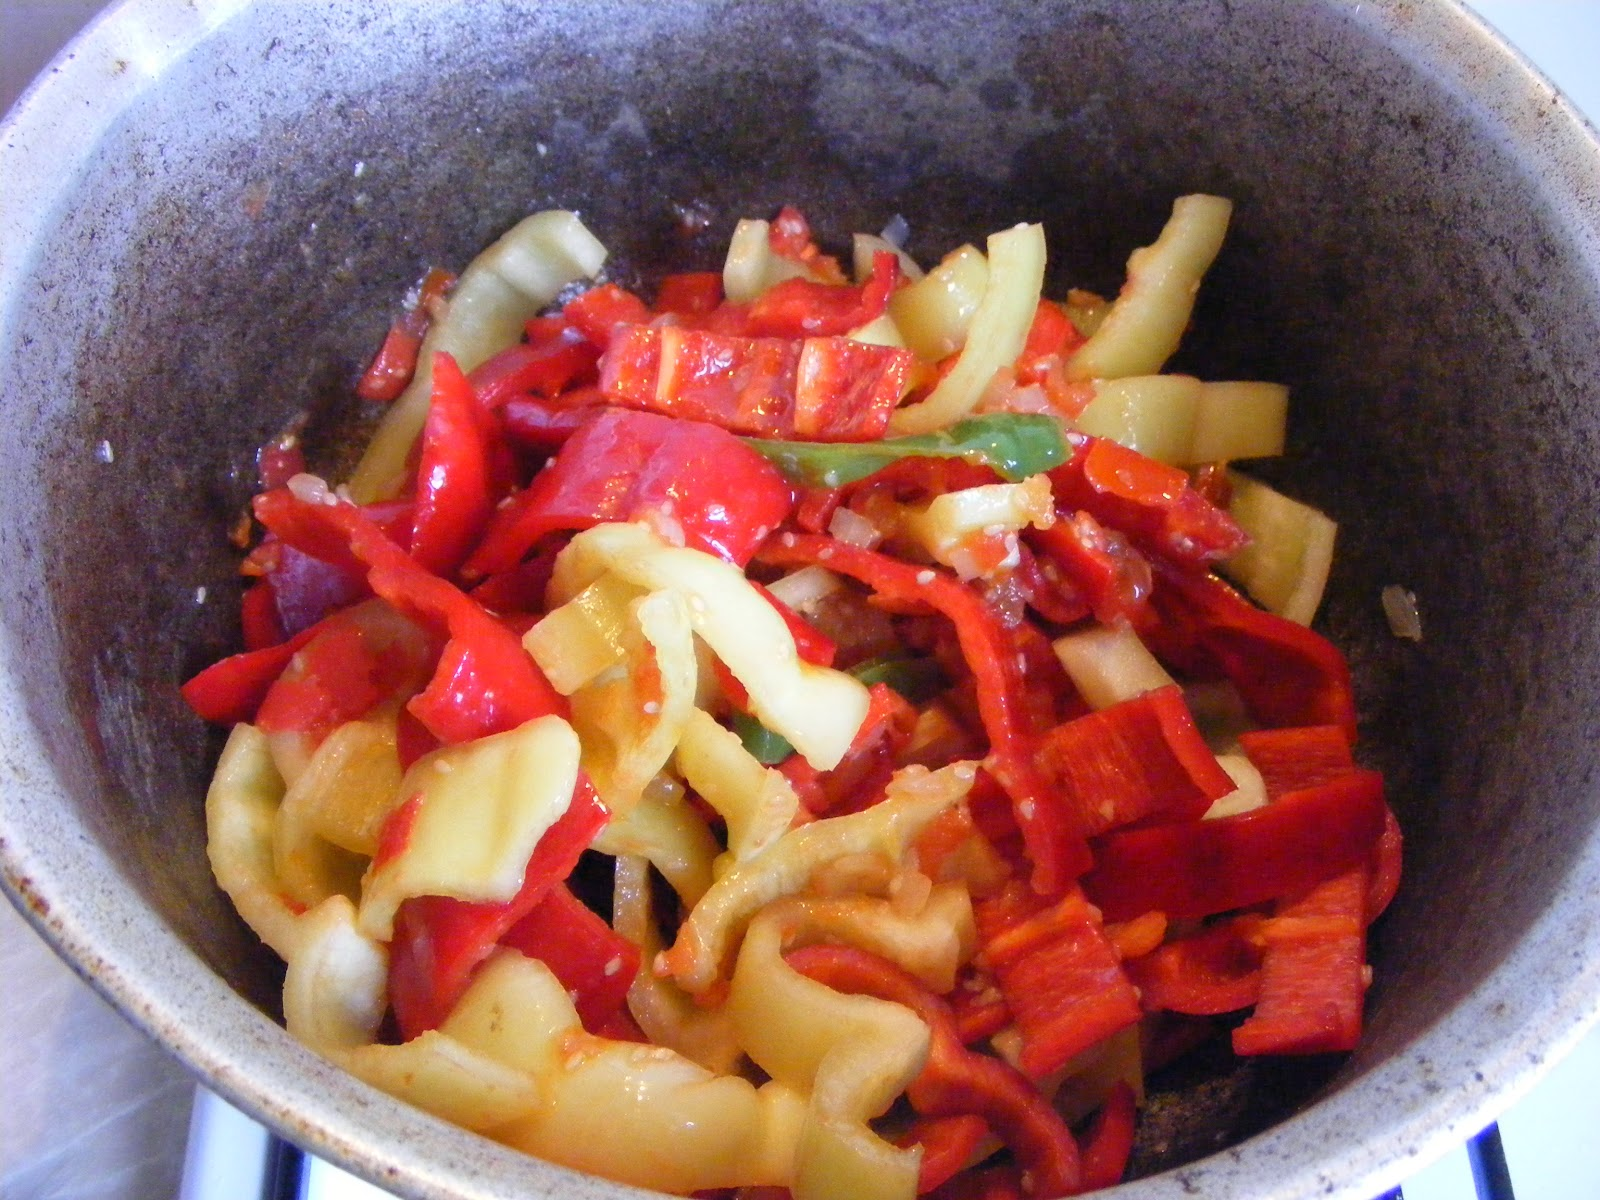 preparare piept de pui cu ardei si susan, preparare pui cu ardei si susan, cum se prepara pui cu susan, cum se prepara piept de pui cu ardei si susan, retete de mancare, retete rapide, retete simple, retete chinezesti, retete asiatice, retete straine,